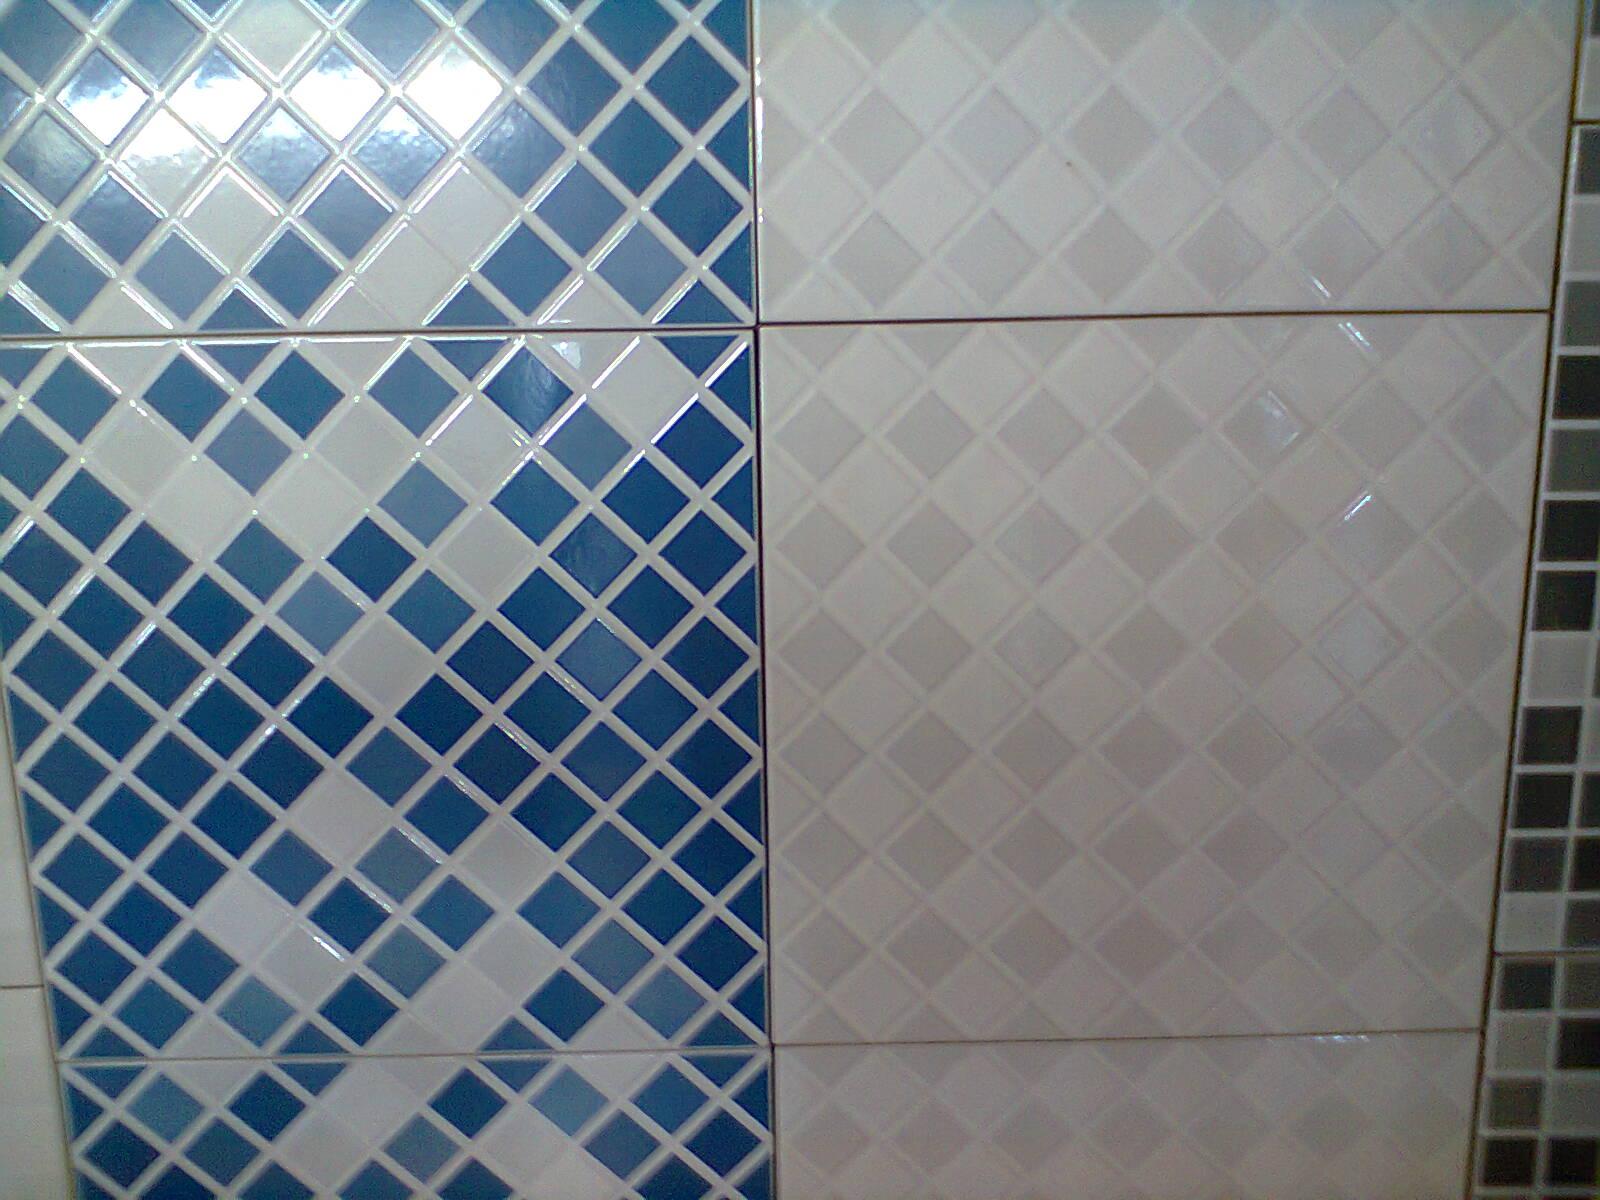 Essa pastilhada azul e branco vai revestir as paredes do banheiro #1C4165 1600x1200 Banheiro Branco E Azul